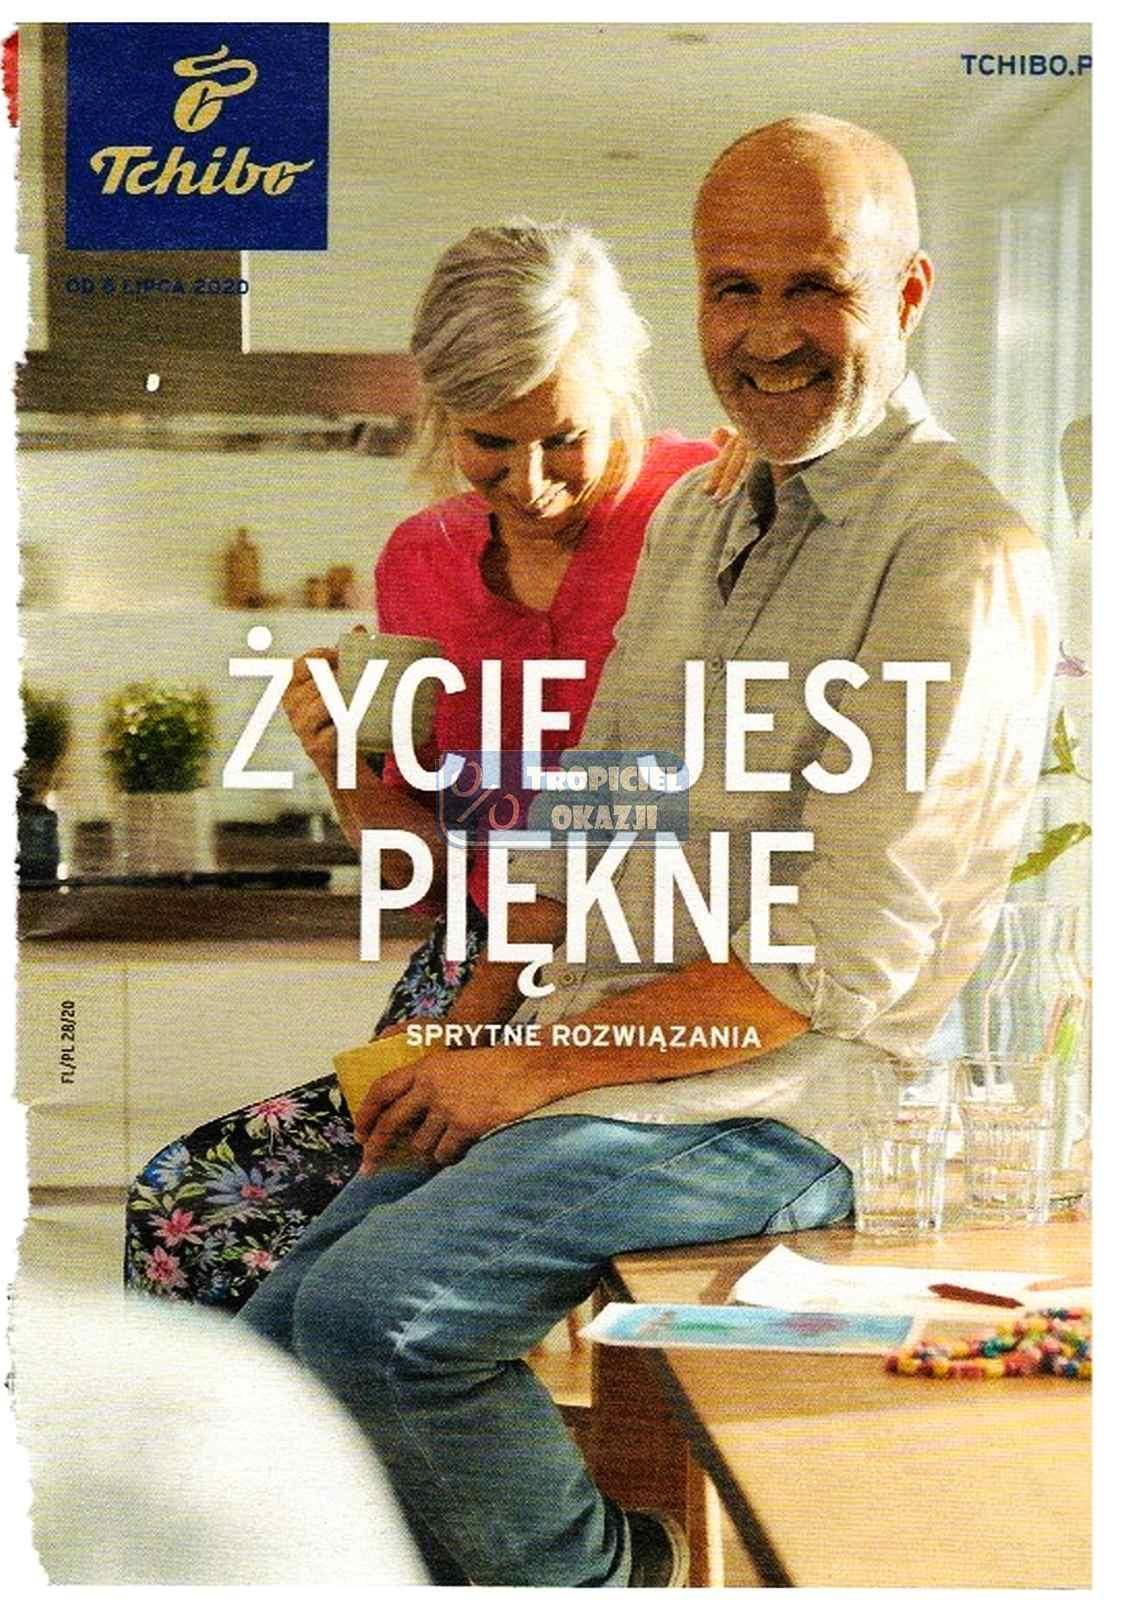 Gazetka promocyjna Tchibo do 05/08/2020 str.1